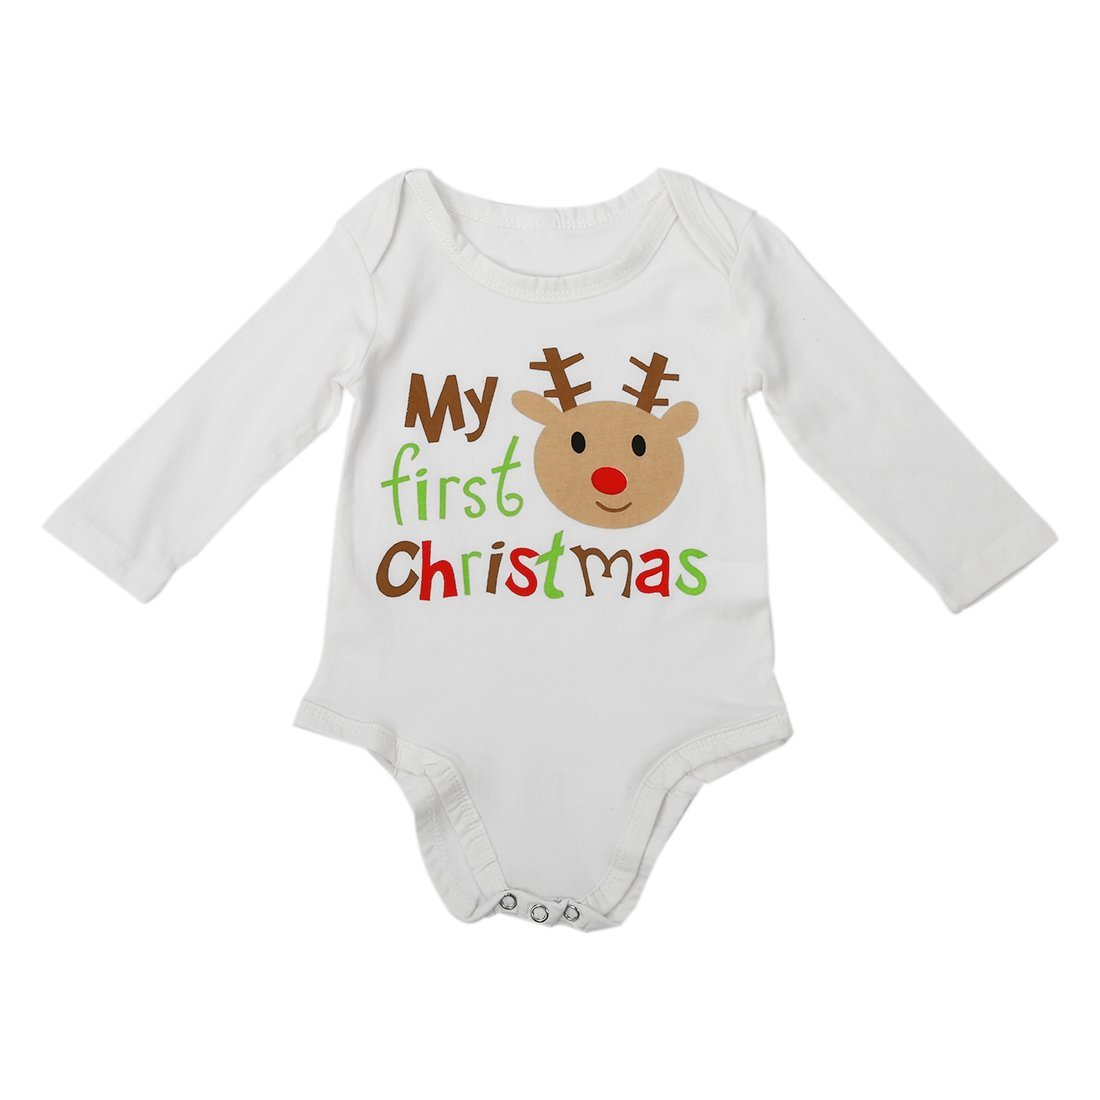 SODIAL(R) Romper Maillot de corps Vetements en une seule piece Combinaison en Theme: Mon premier Noel Combinaison en motif de cerf pour les bebes - blanc Taille:0-3 mois